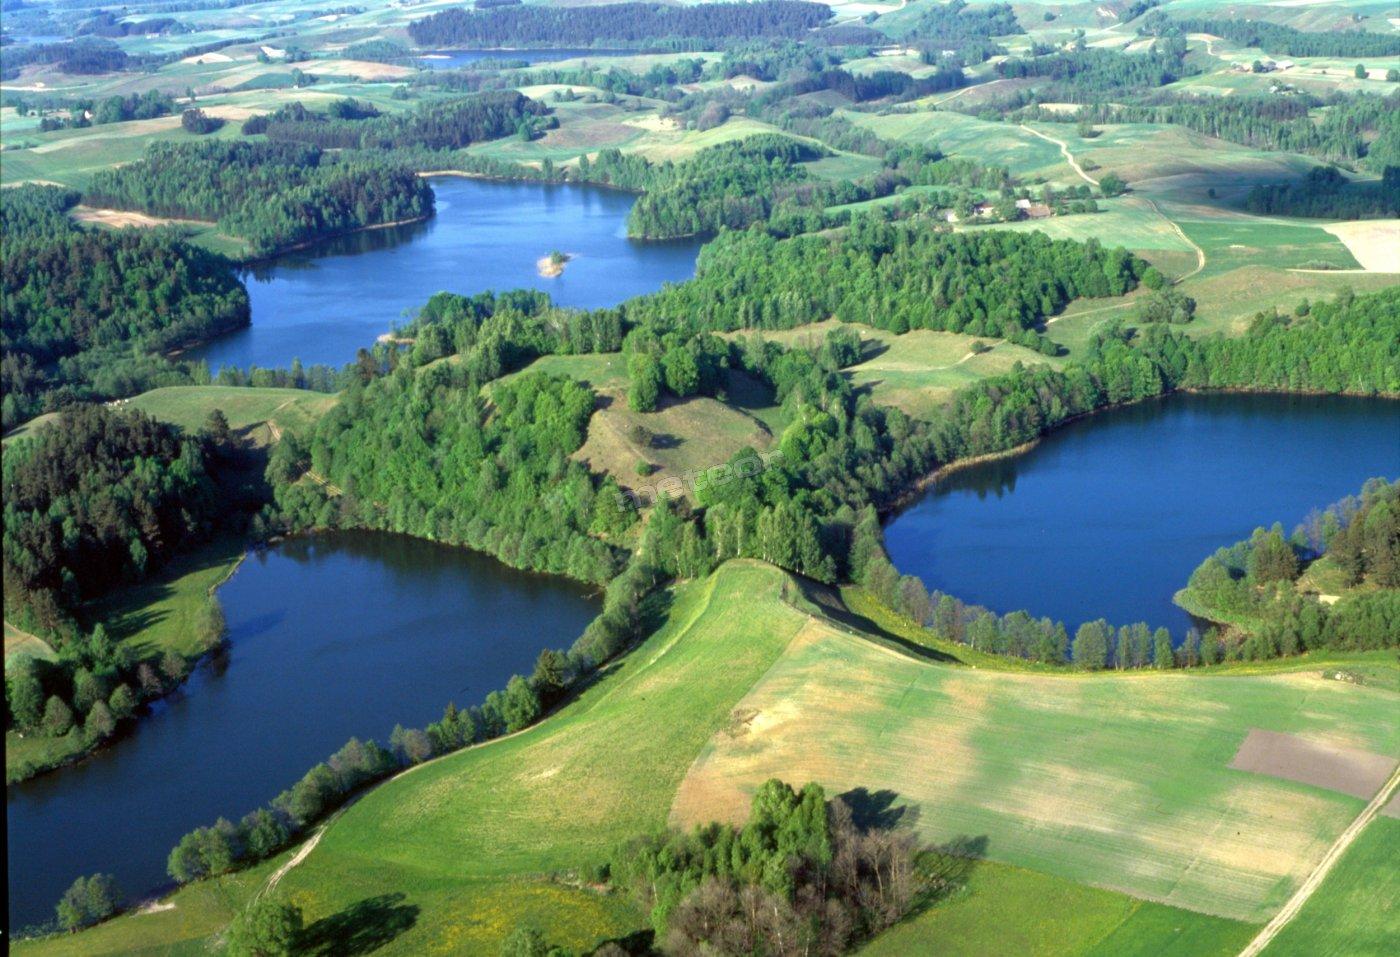 Pensjonat leży u stóp Zamkowej Góry, na zbiegu trzech jezior. Bezpośredni dostęp do jeziora Jeglówek - pierwsza klasa czystości